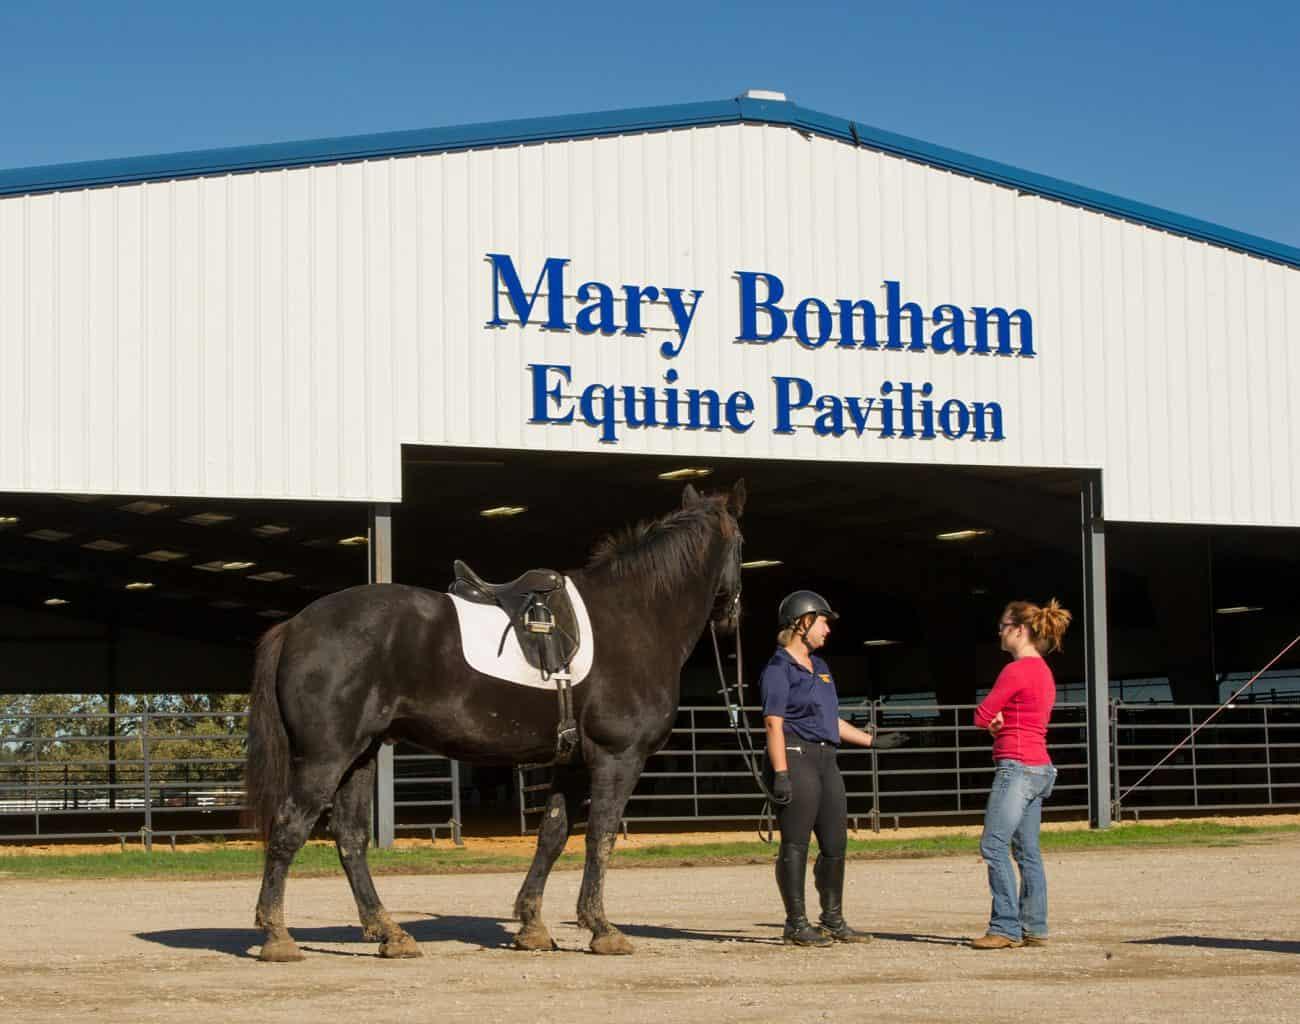 Student holding horse outside Mary Bonham Equine Pavilion